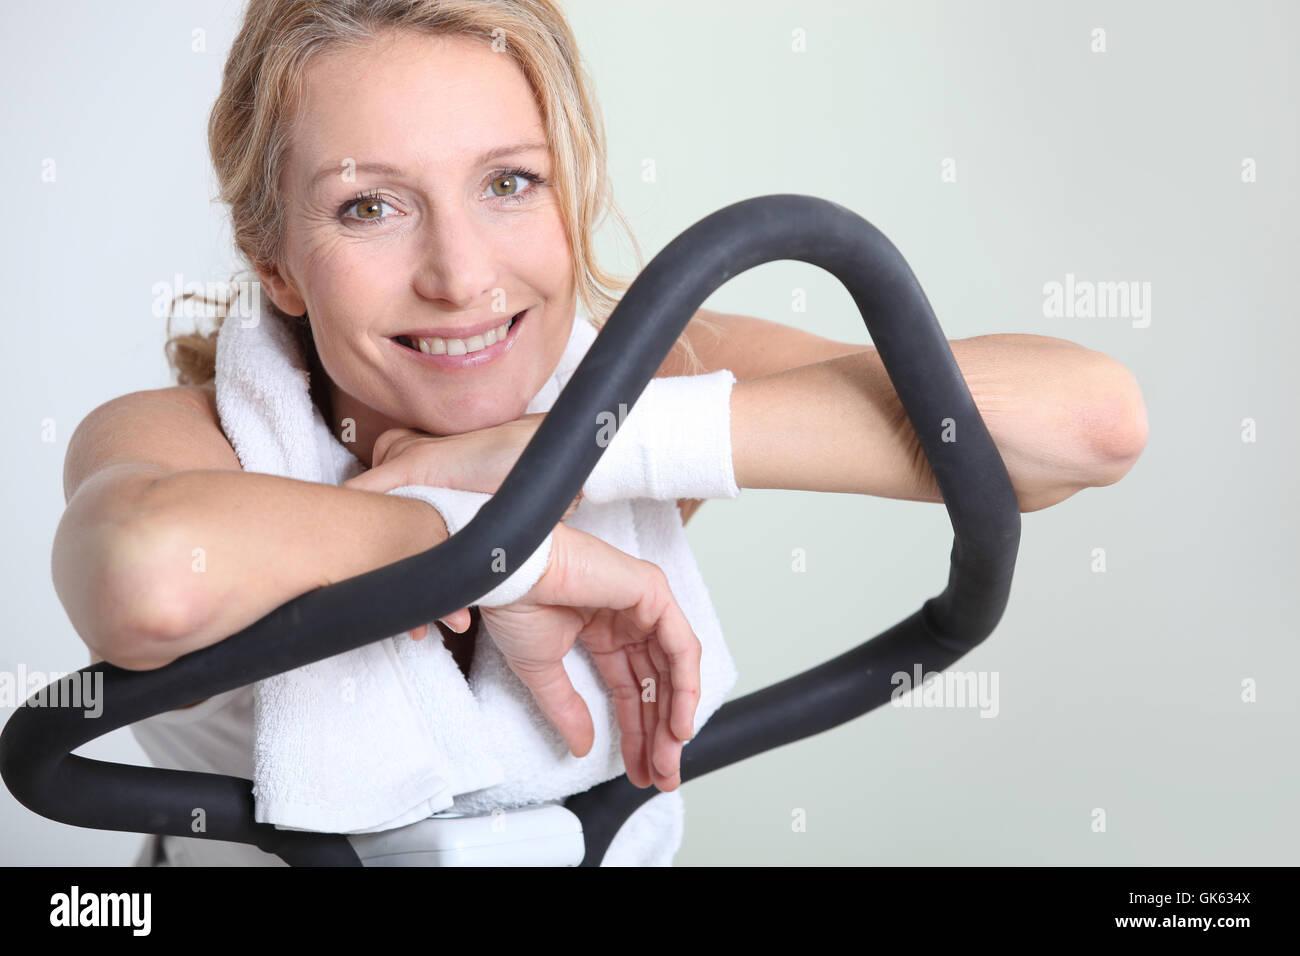 L'équipement d'exercice de la santé Photo Stock